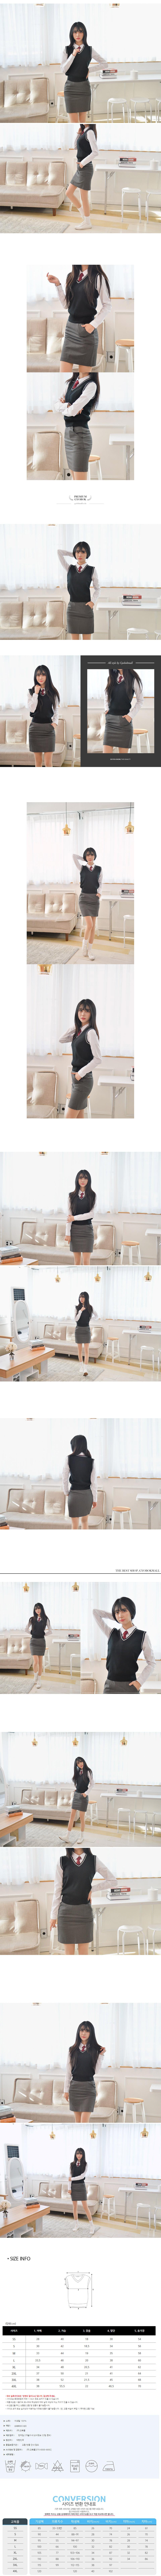 블랙화이트라인 교복조끼 공용 - 교복몰, 19,800원, 여성 스쿨룩, 상의